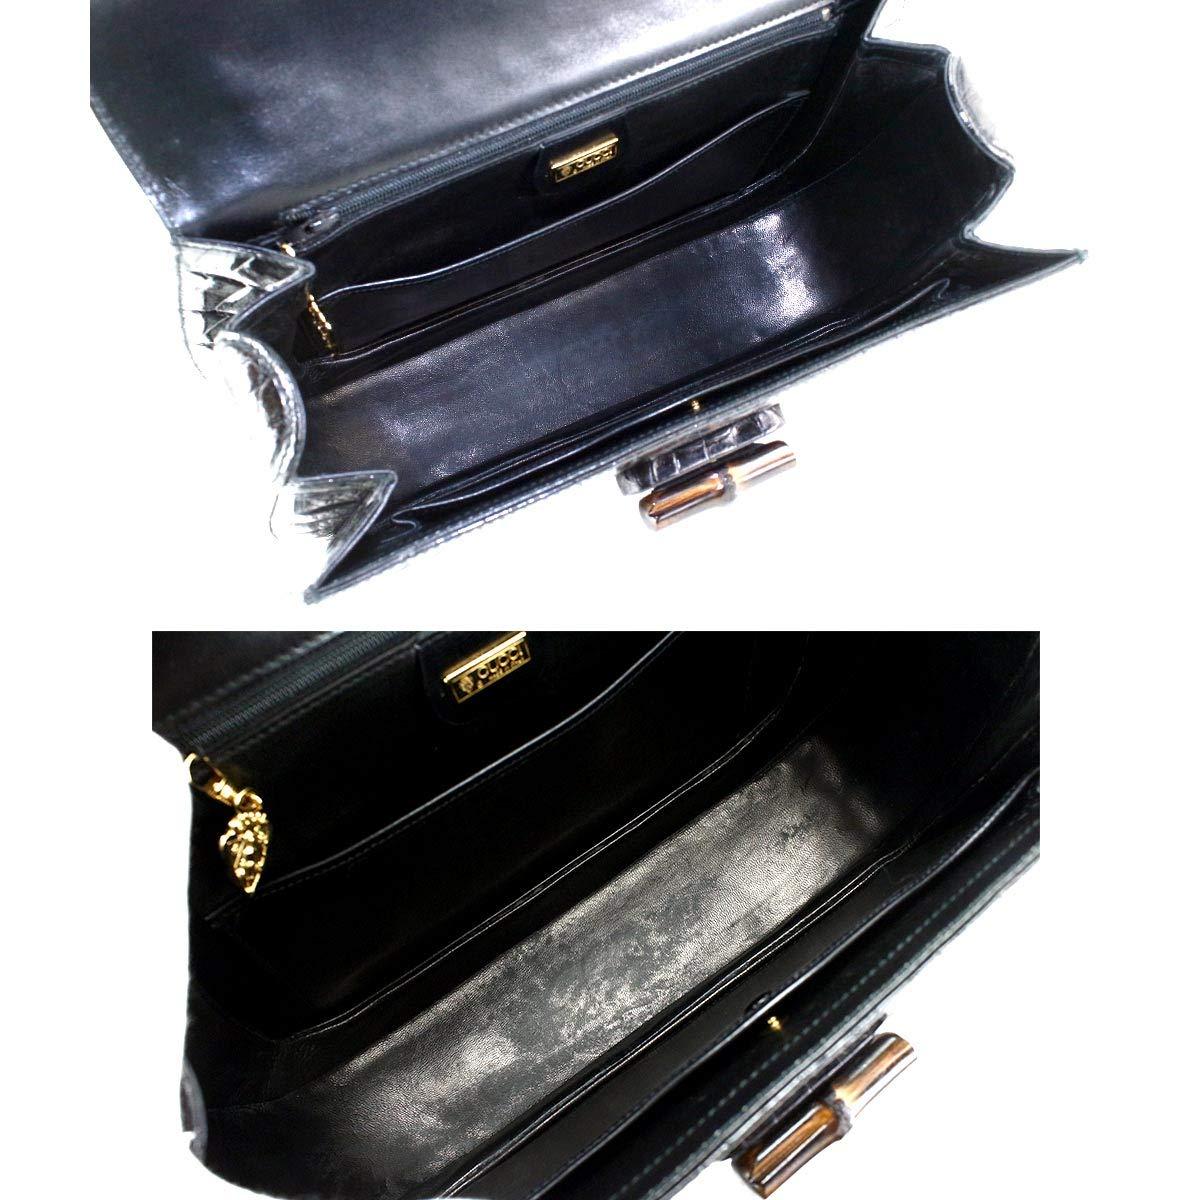 c28ddeae3a90 Amazon | グッチ GUCCI バンブー クロコダイル ハンド バッグ レザー わに革 ブラック 黒 000 46 0063 【中古】  90056755 | GUCCI(グッチ) | ハンドバッグ